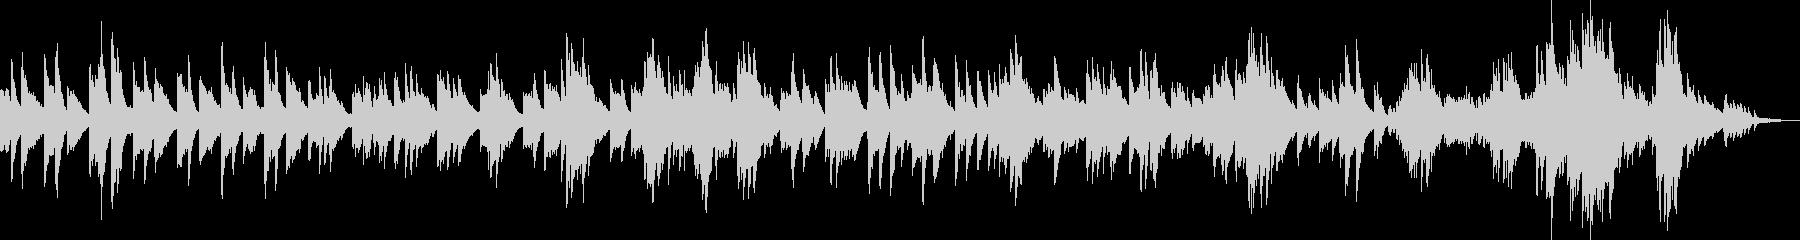 暗く悲しい過去(ピアノソロ)の未再生の波形